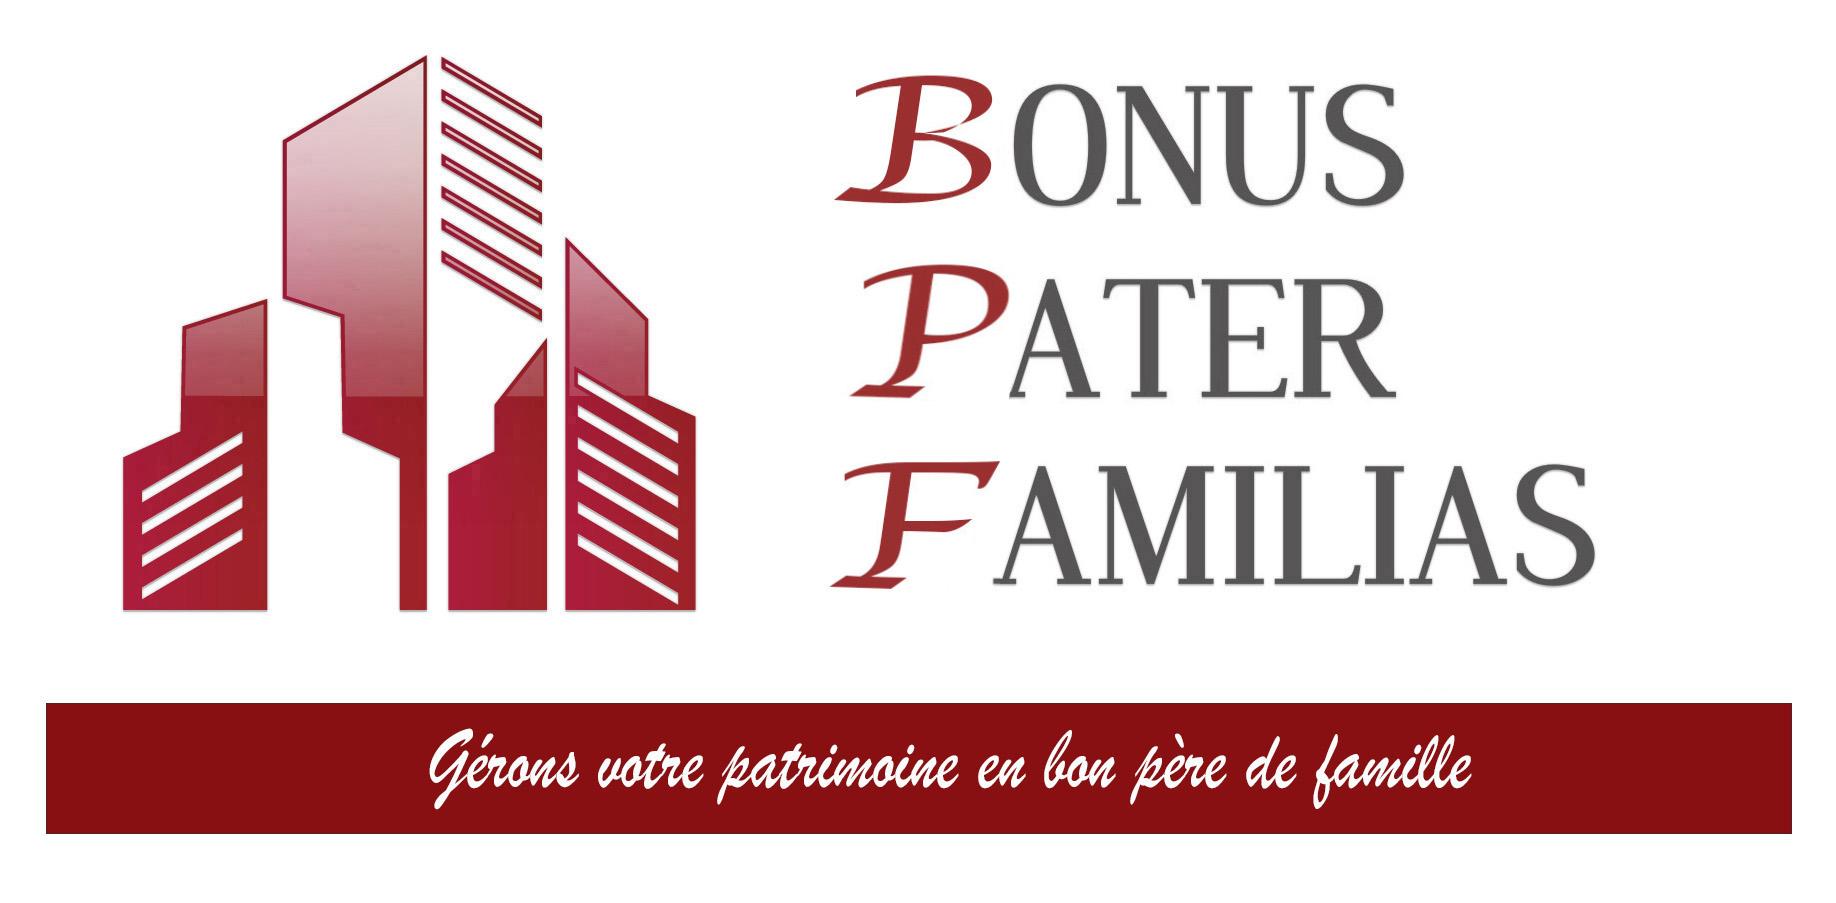 Bonus Pater Familias